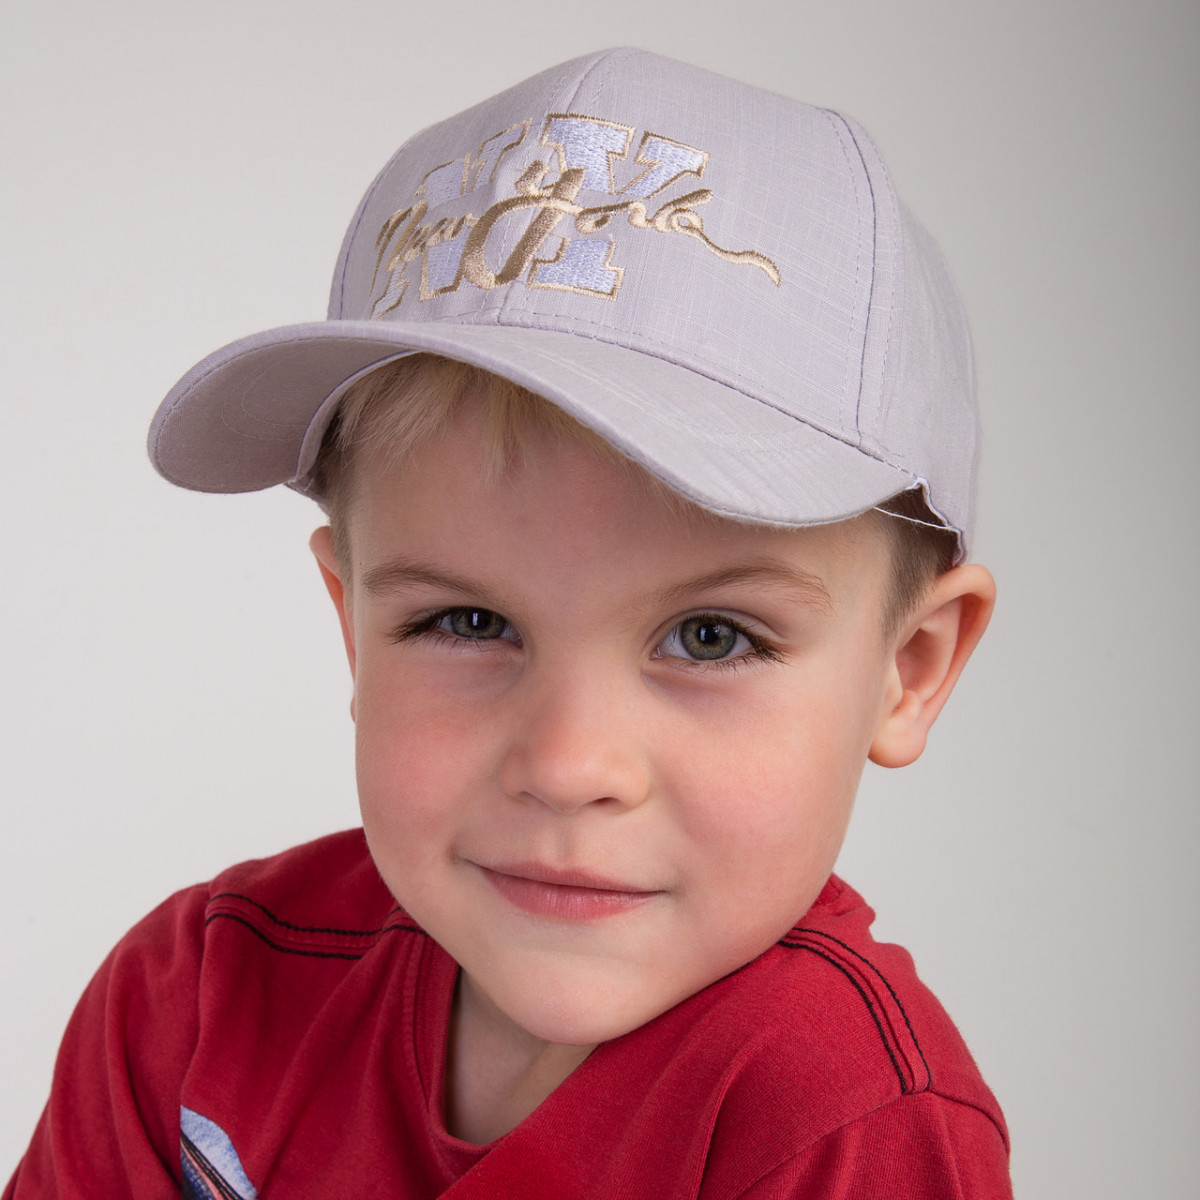 Льняная кепка для мальчика на лето - NY(к32)